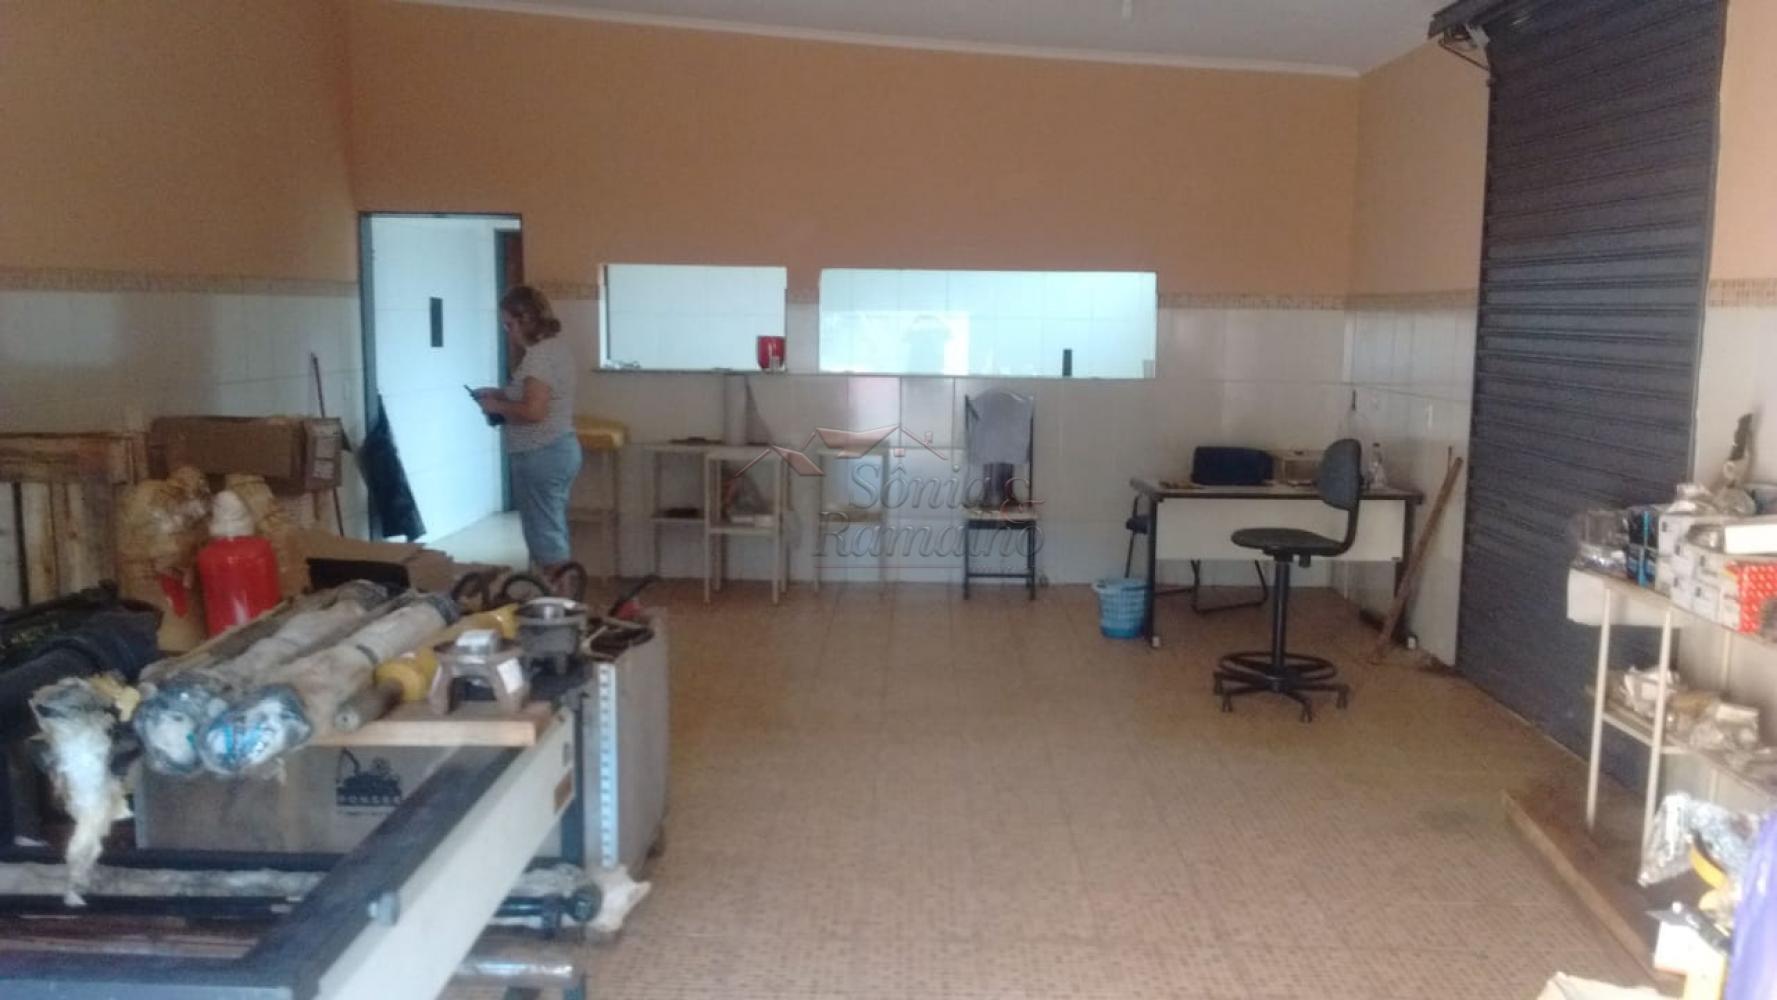 Alugar Comercial / Salão comercial em Ribeirão Preto apenas R$ 3.500,00 - Foto 3